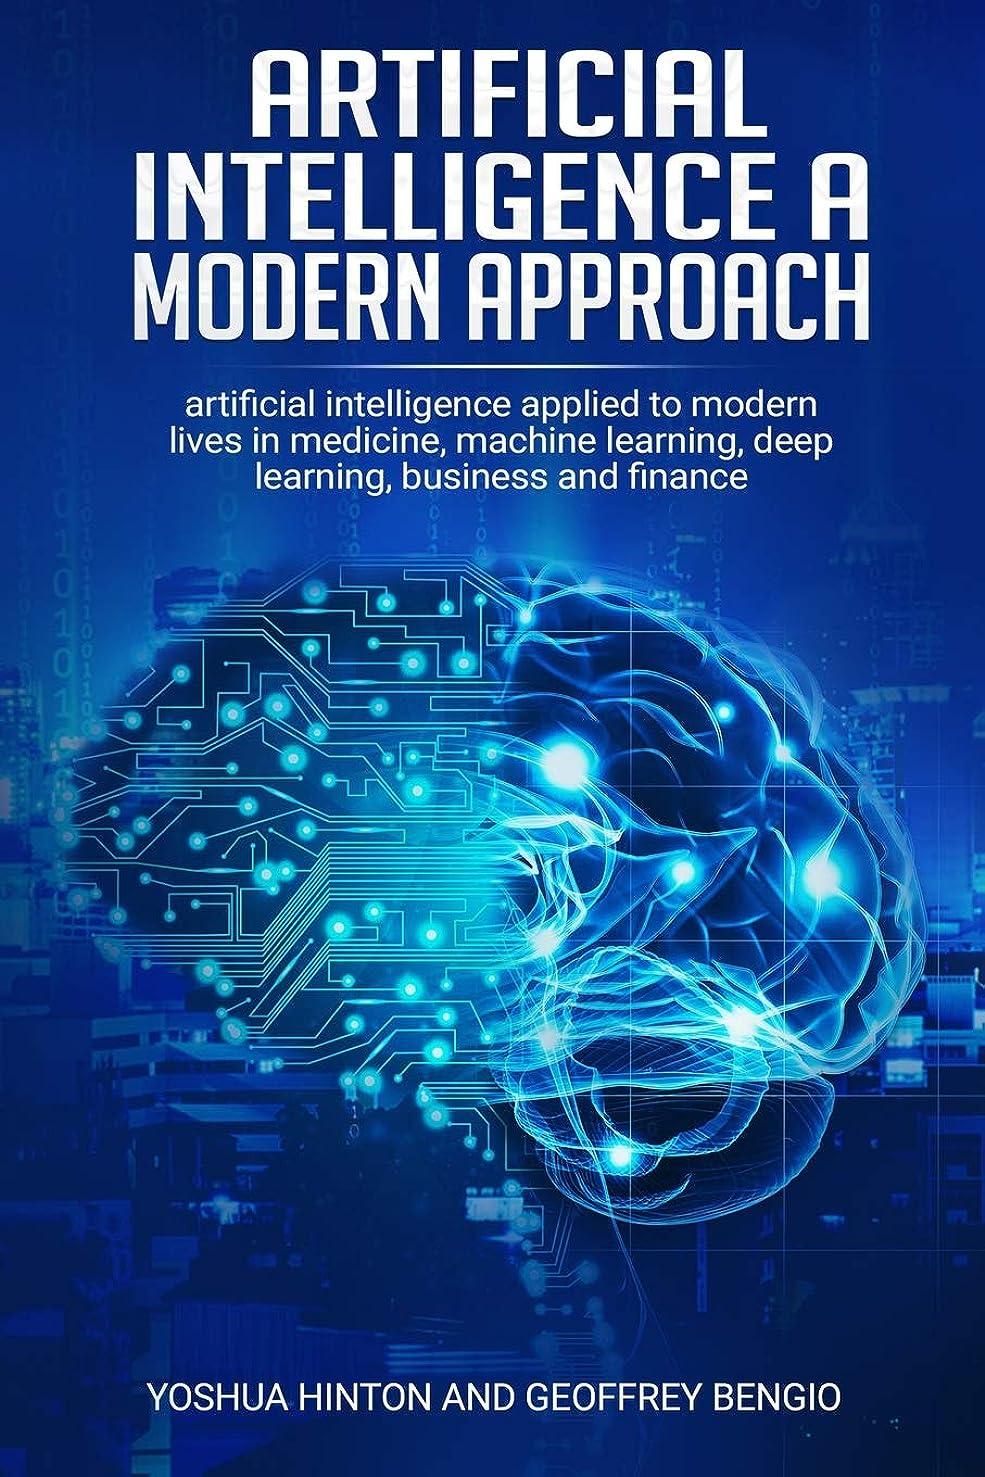 すべて醜いより多いartificial intelligence a modern approach: Artificial Intelligence Applied to Modern Lives in Medicine, Machine Learning, Deep Learning, Business and Finance